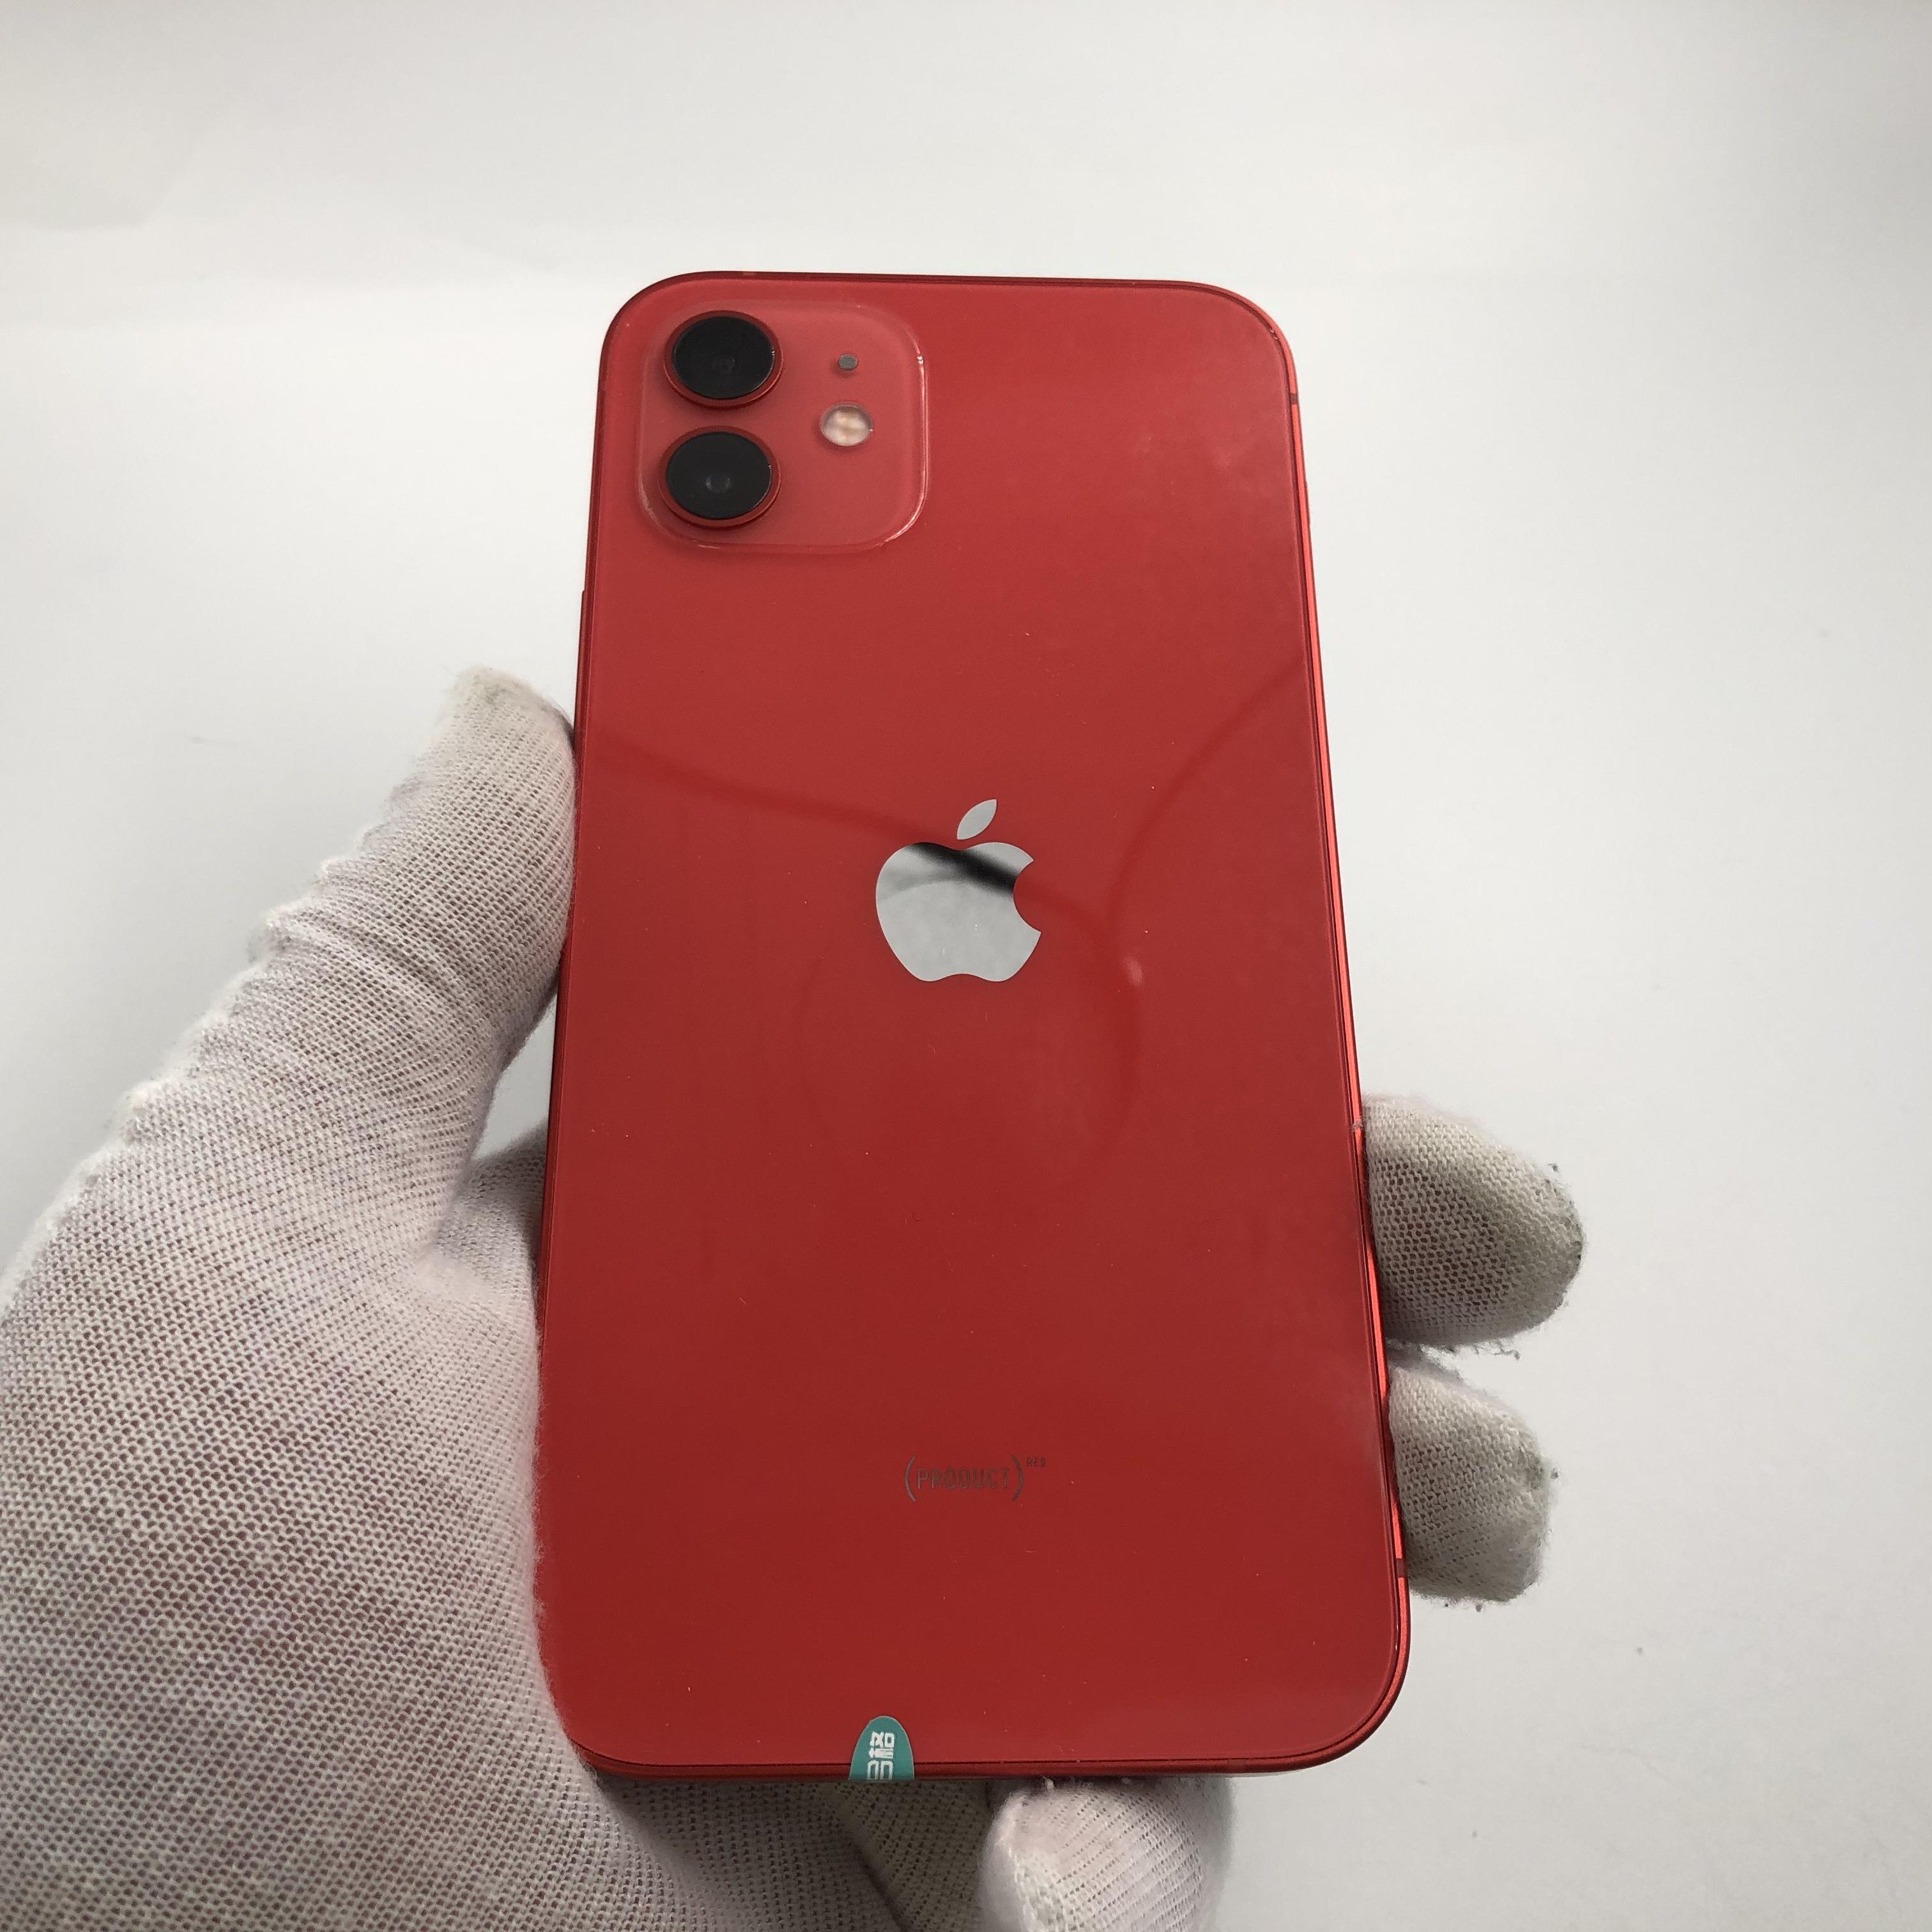 苹果【iPhone 12】5G全网通 红色 128G 国行 99新